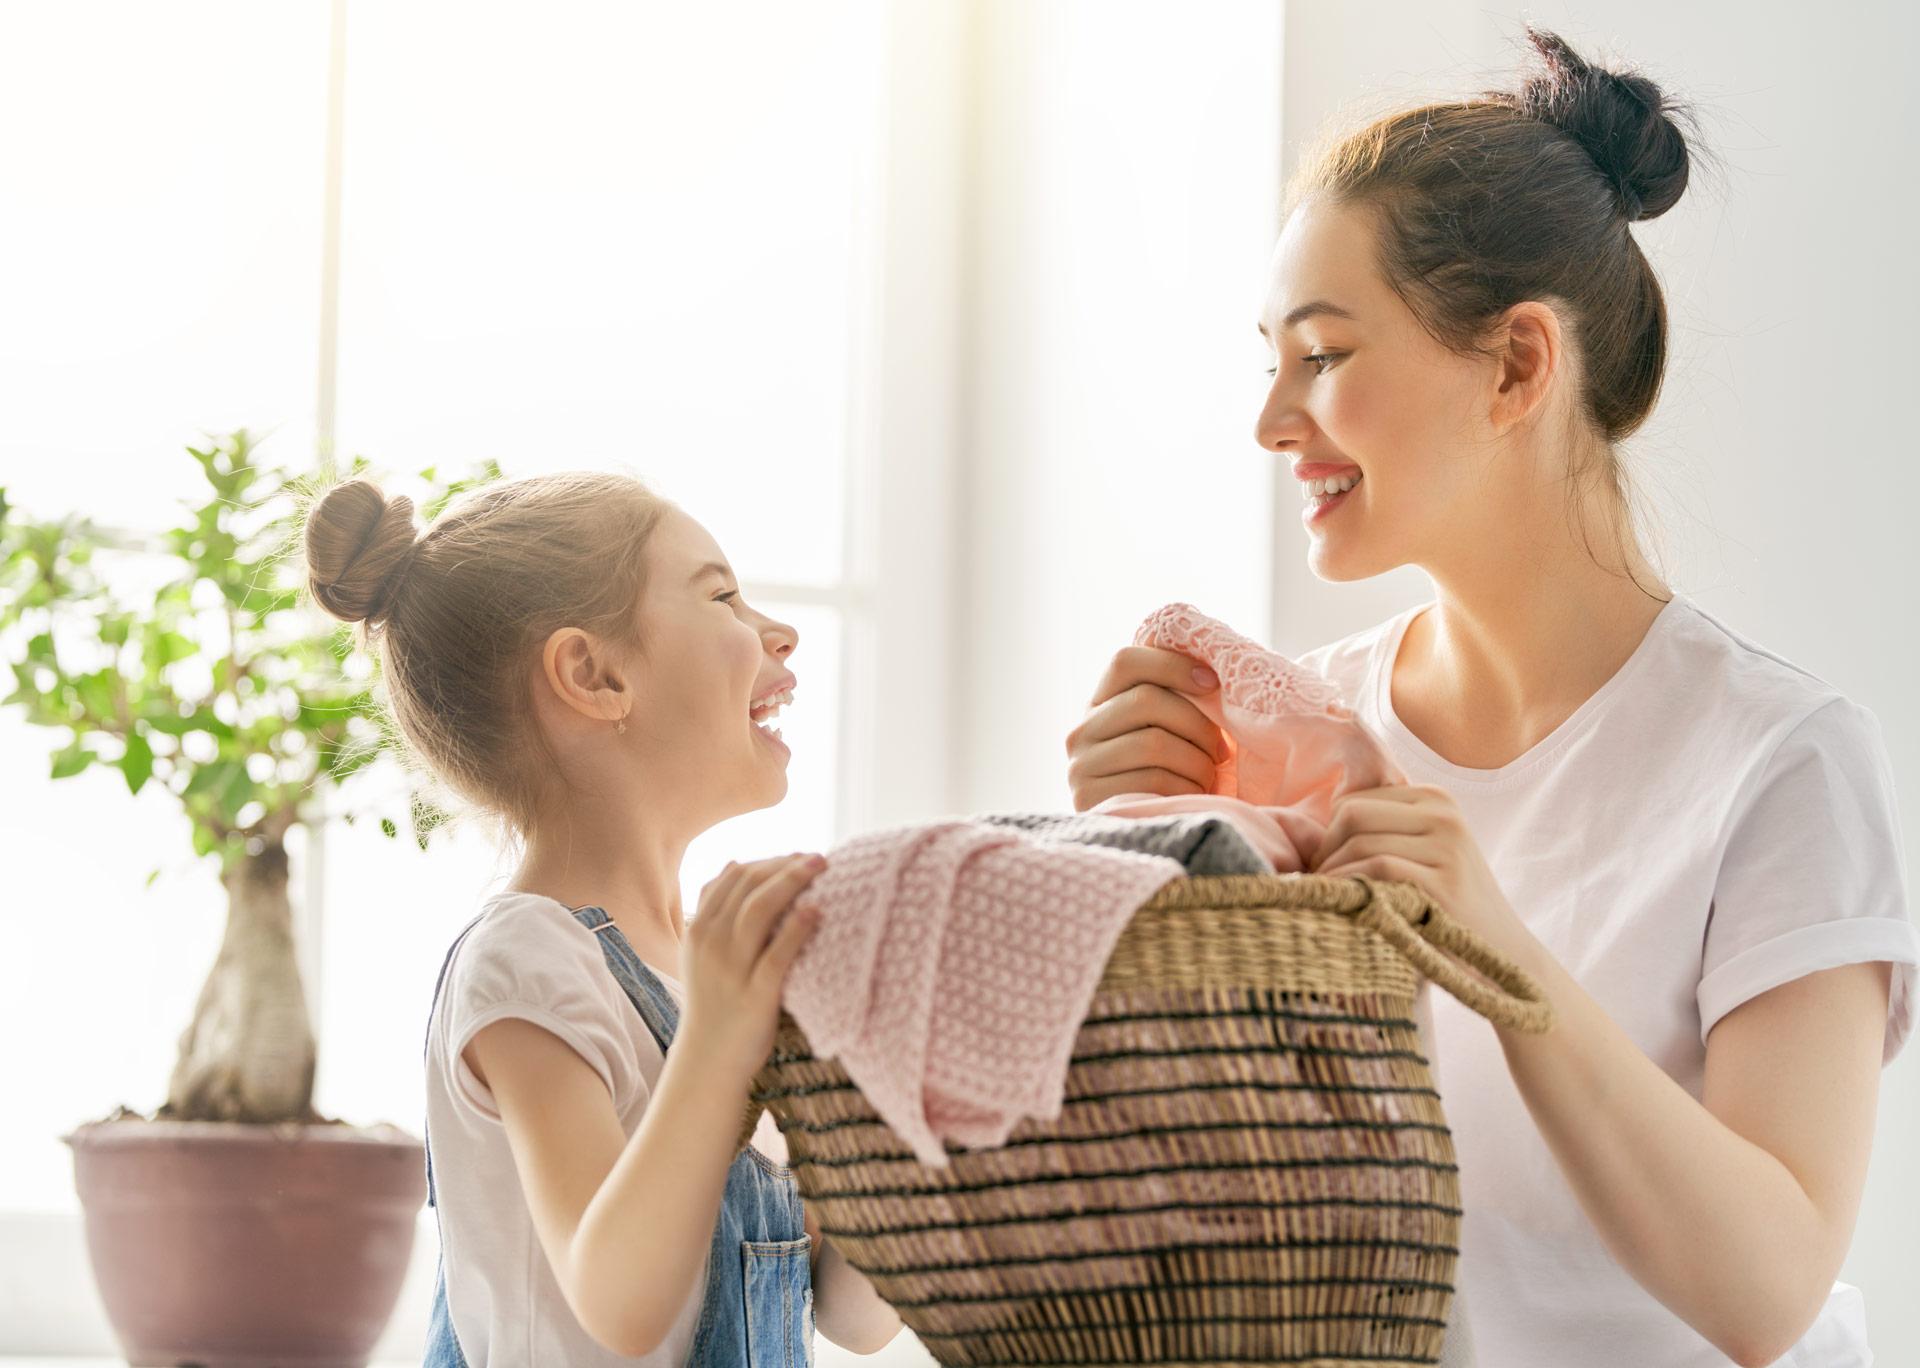 Agencia de servicio doméstico en Madrid que se encarga tanto del cuidado de los niños como de la casa - Empleada en casa